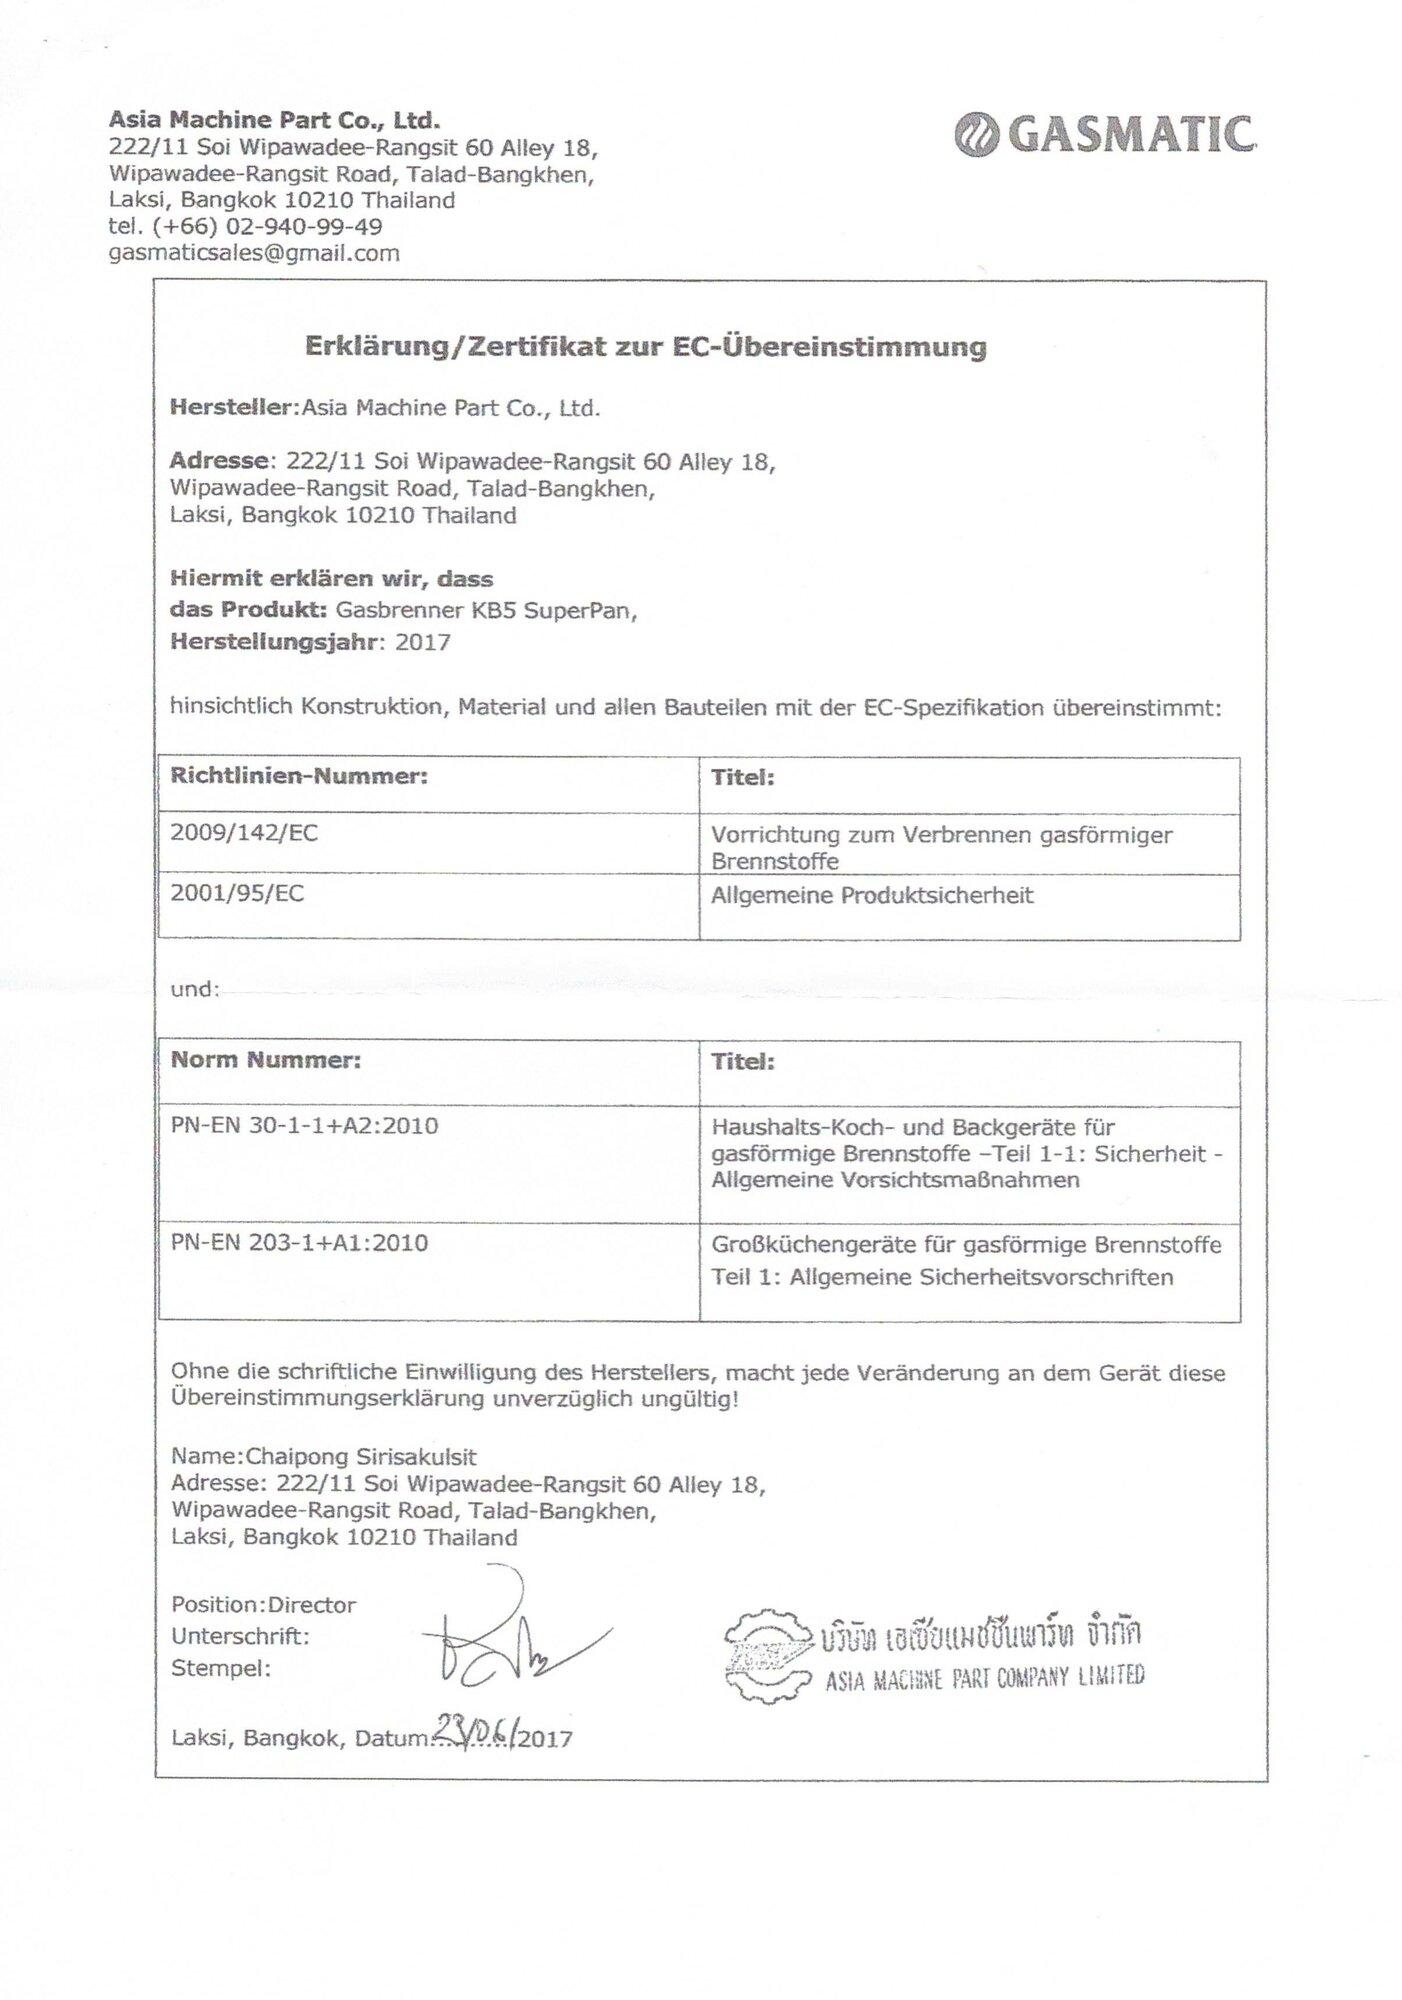 Gasmatic CE Conformitätserklärung.jpg